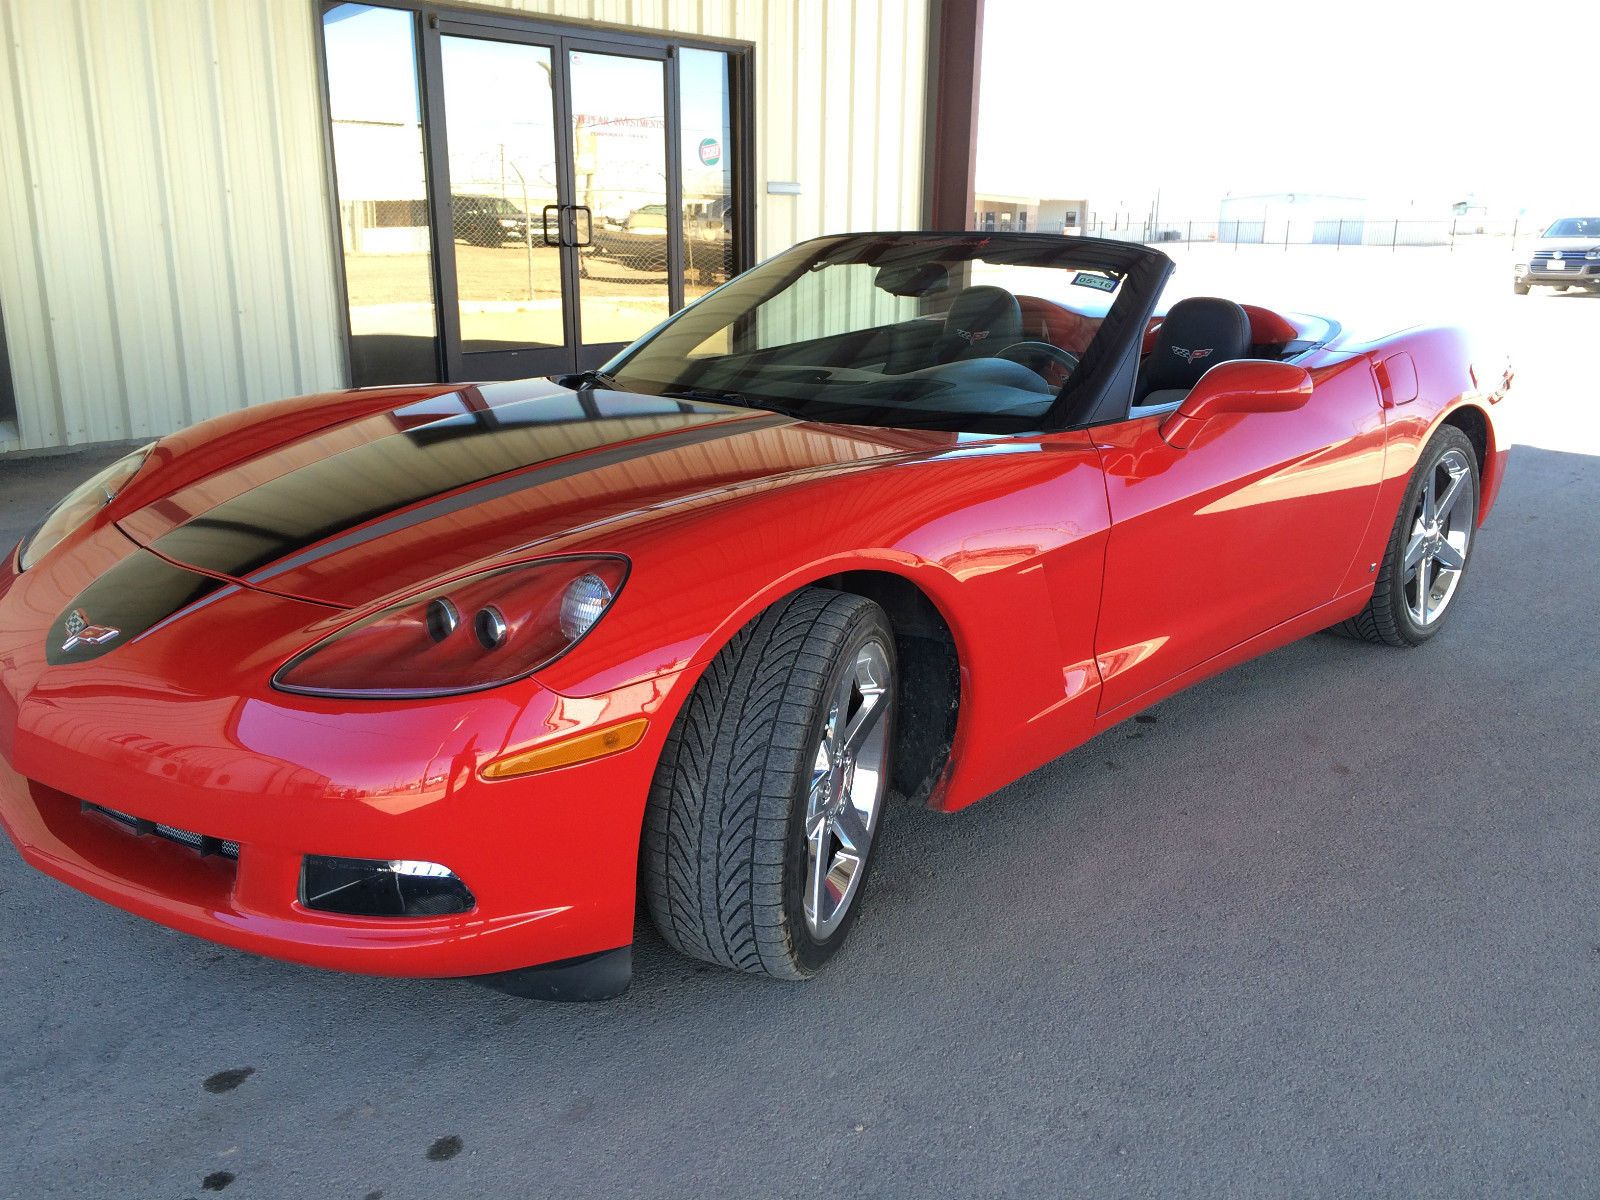 Best 25 2007 corvette ideas on pinterest chevrolet corvette stingray corvettes and corvette zr1